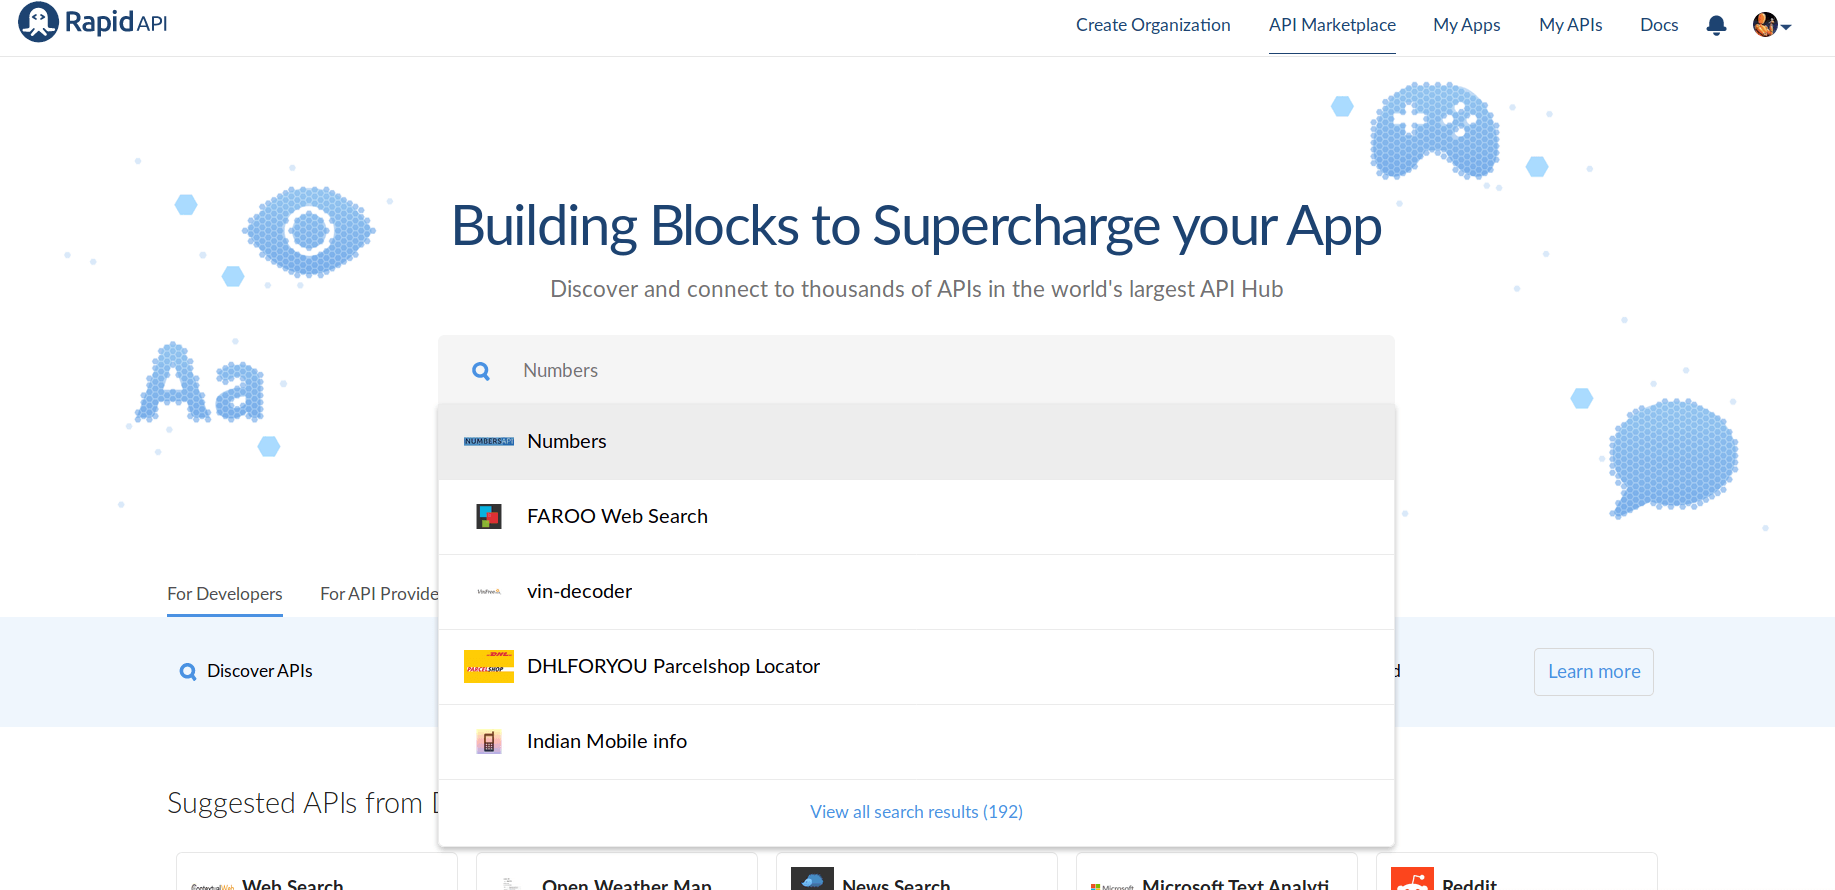 RapidAPI Search APIs